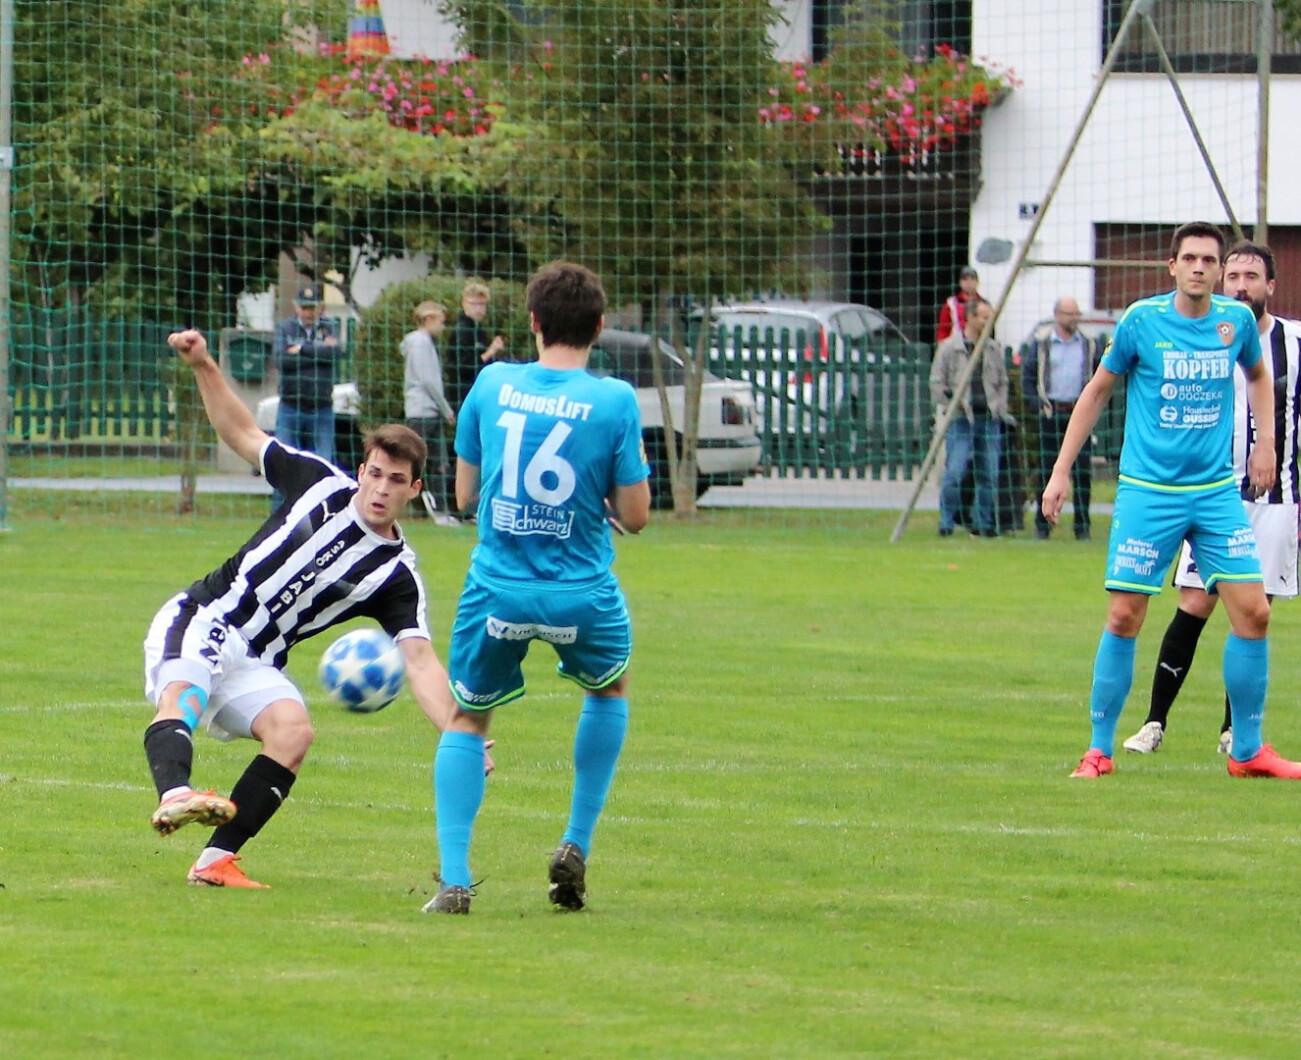 4 Liga Süd